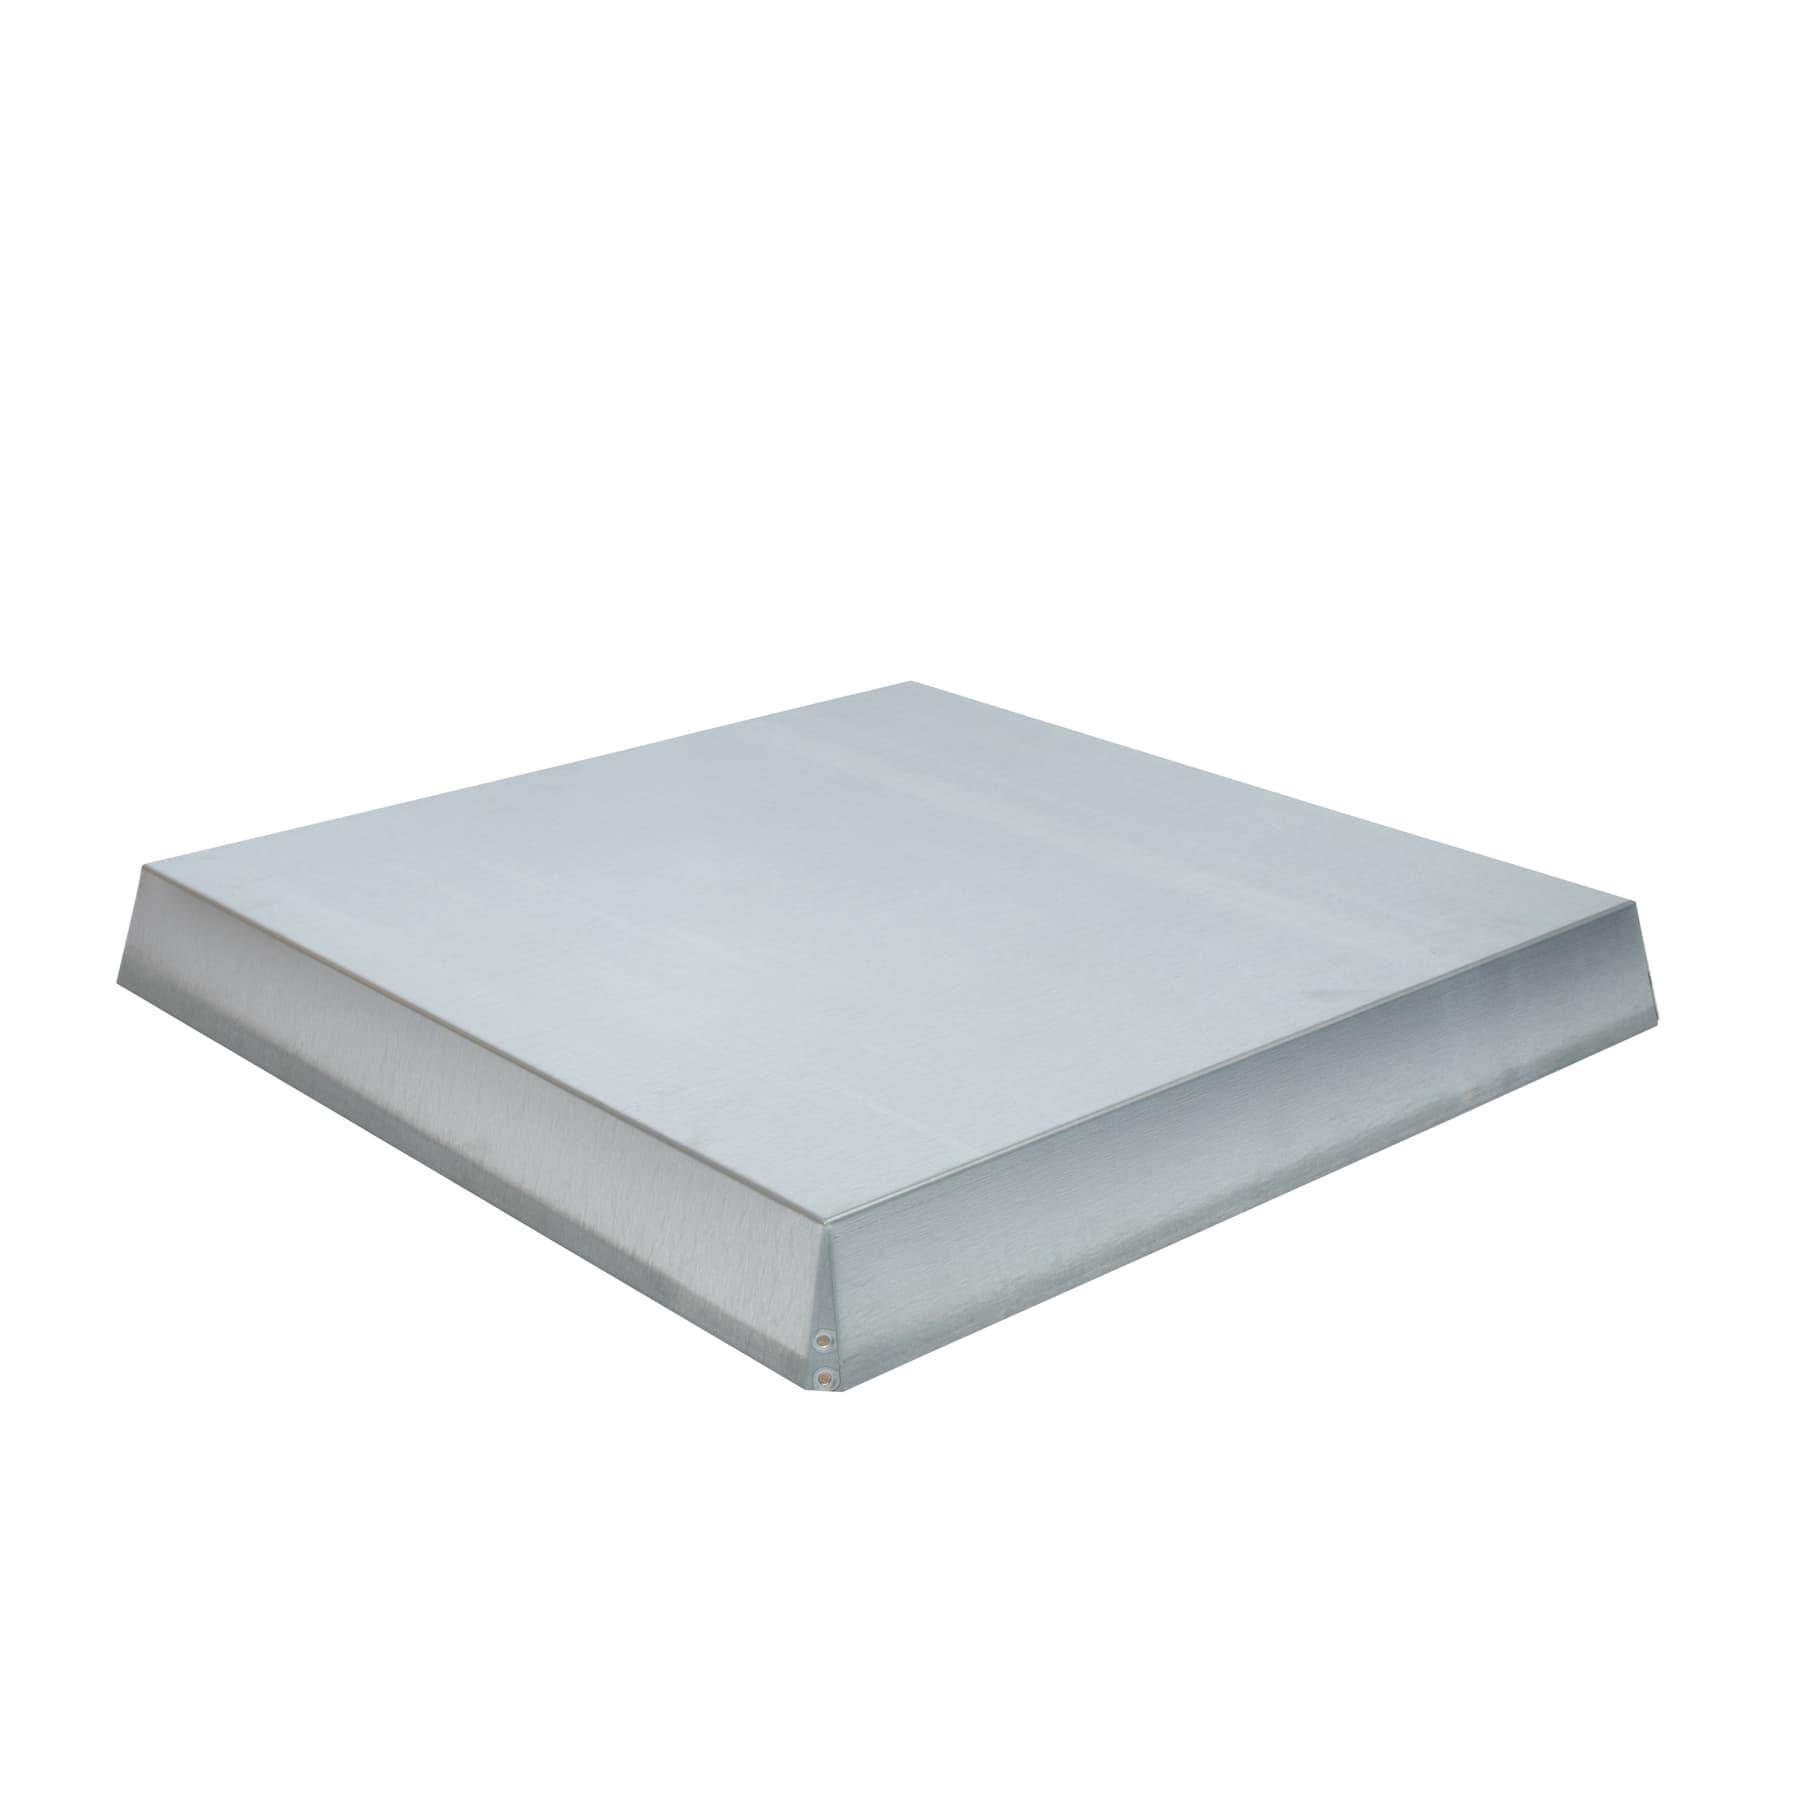 Blechdeckel, verzinkt konisch für  570 x 570 x 65 mm, passend für  Holzstülpdeckel Dadantbeute